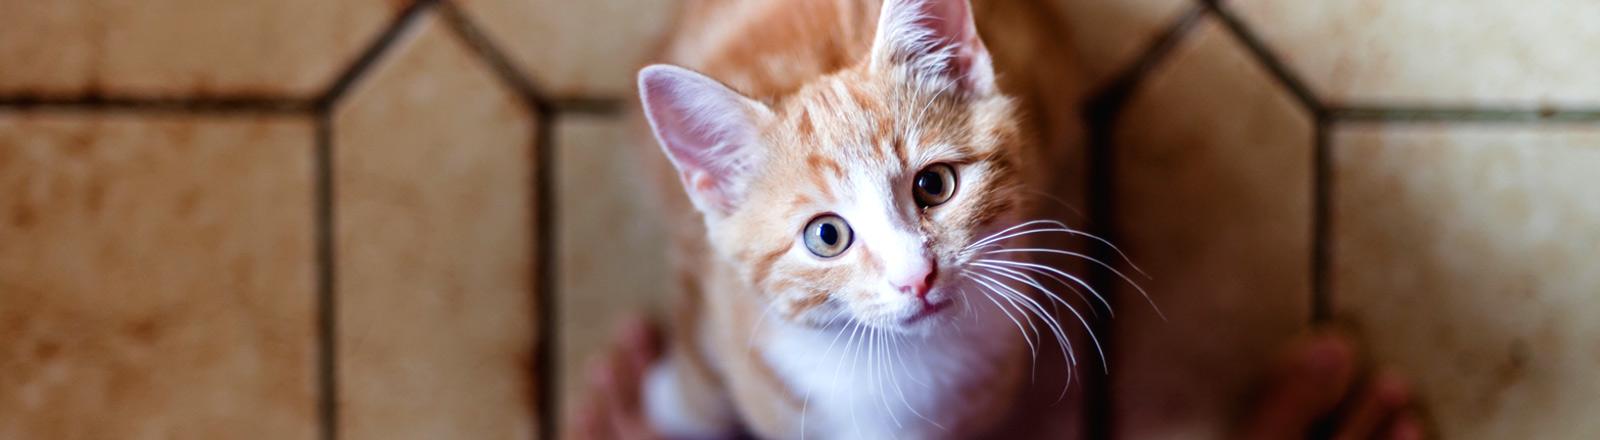 Eine Katze neben einem Paar Füßen schaut hinauf